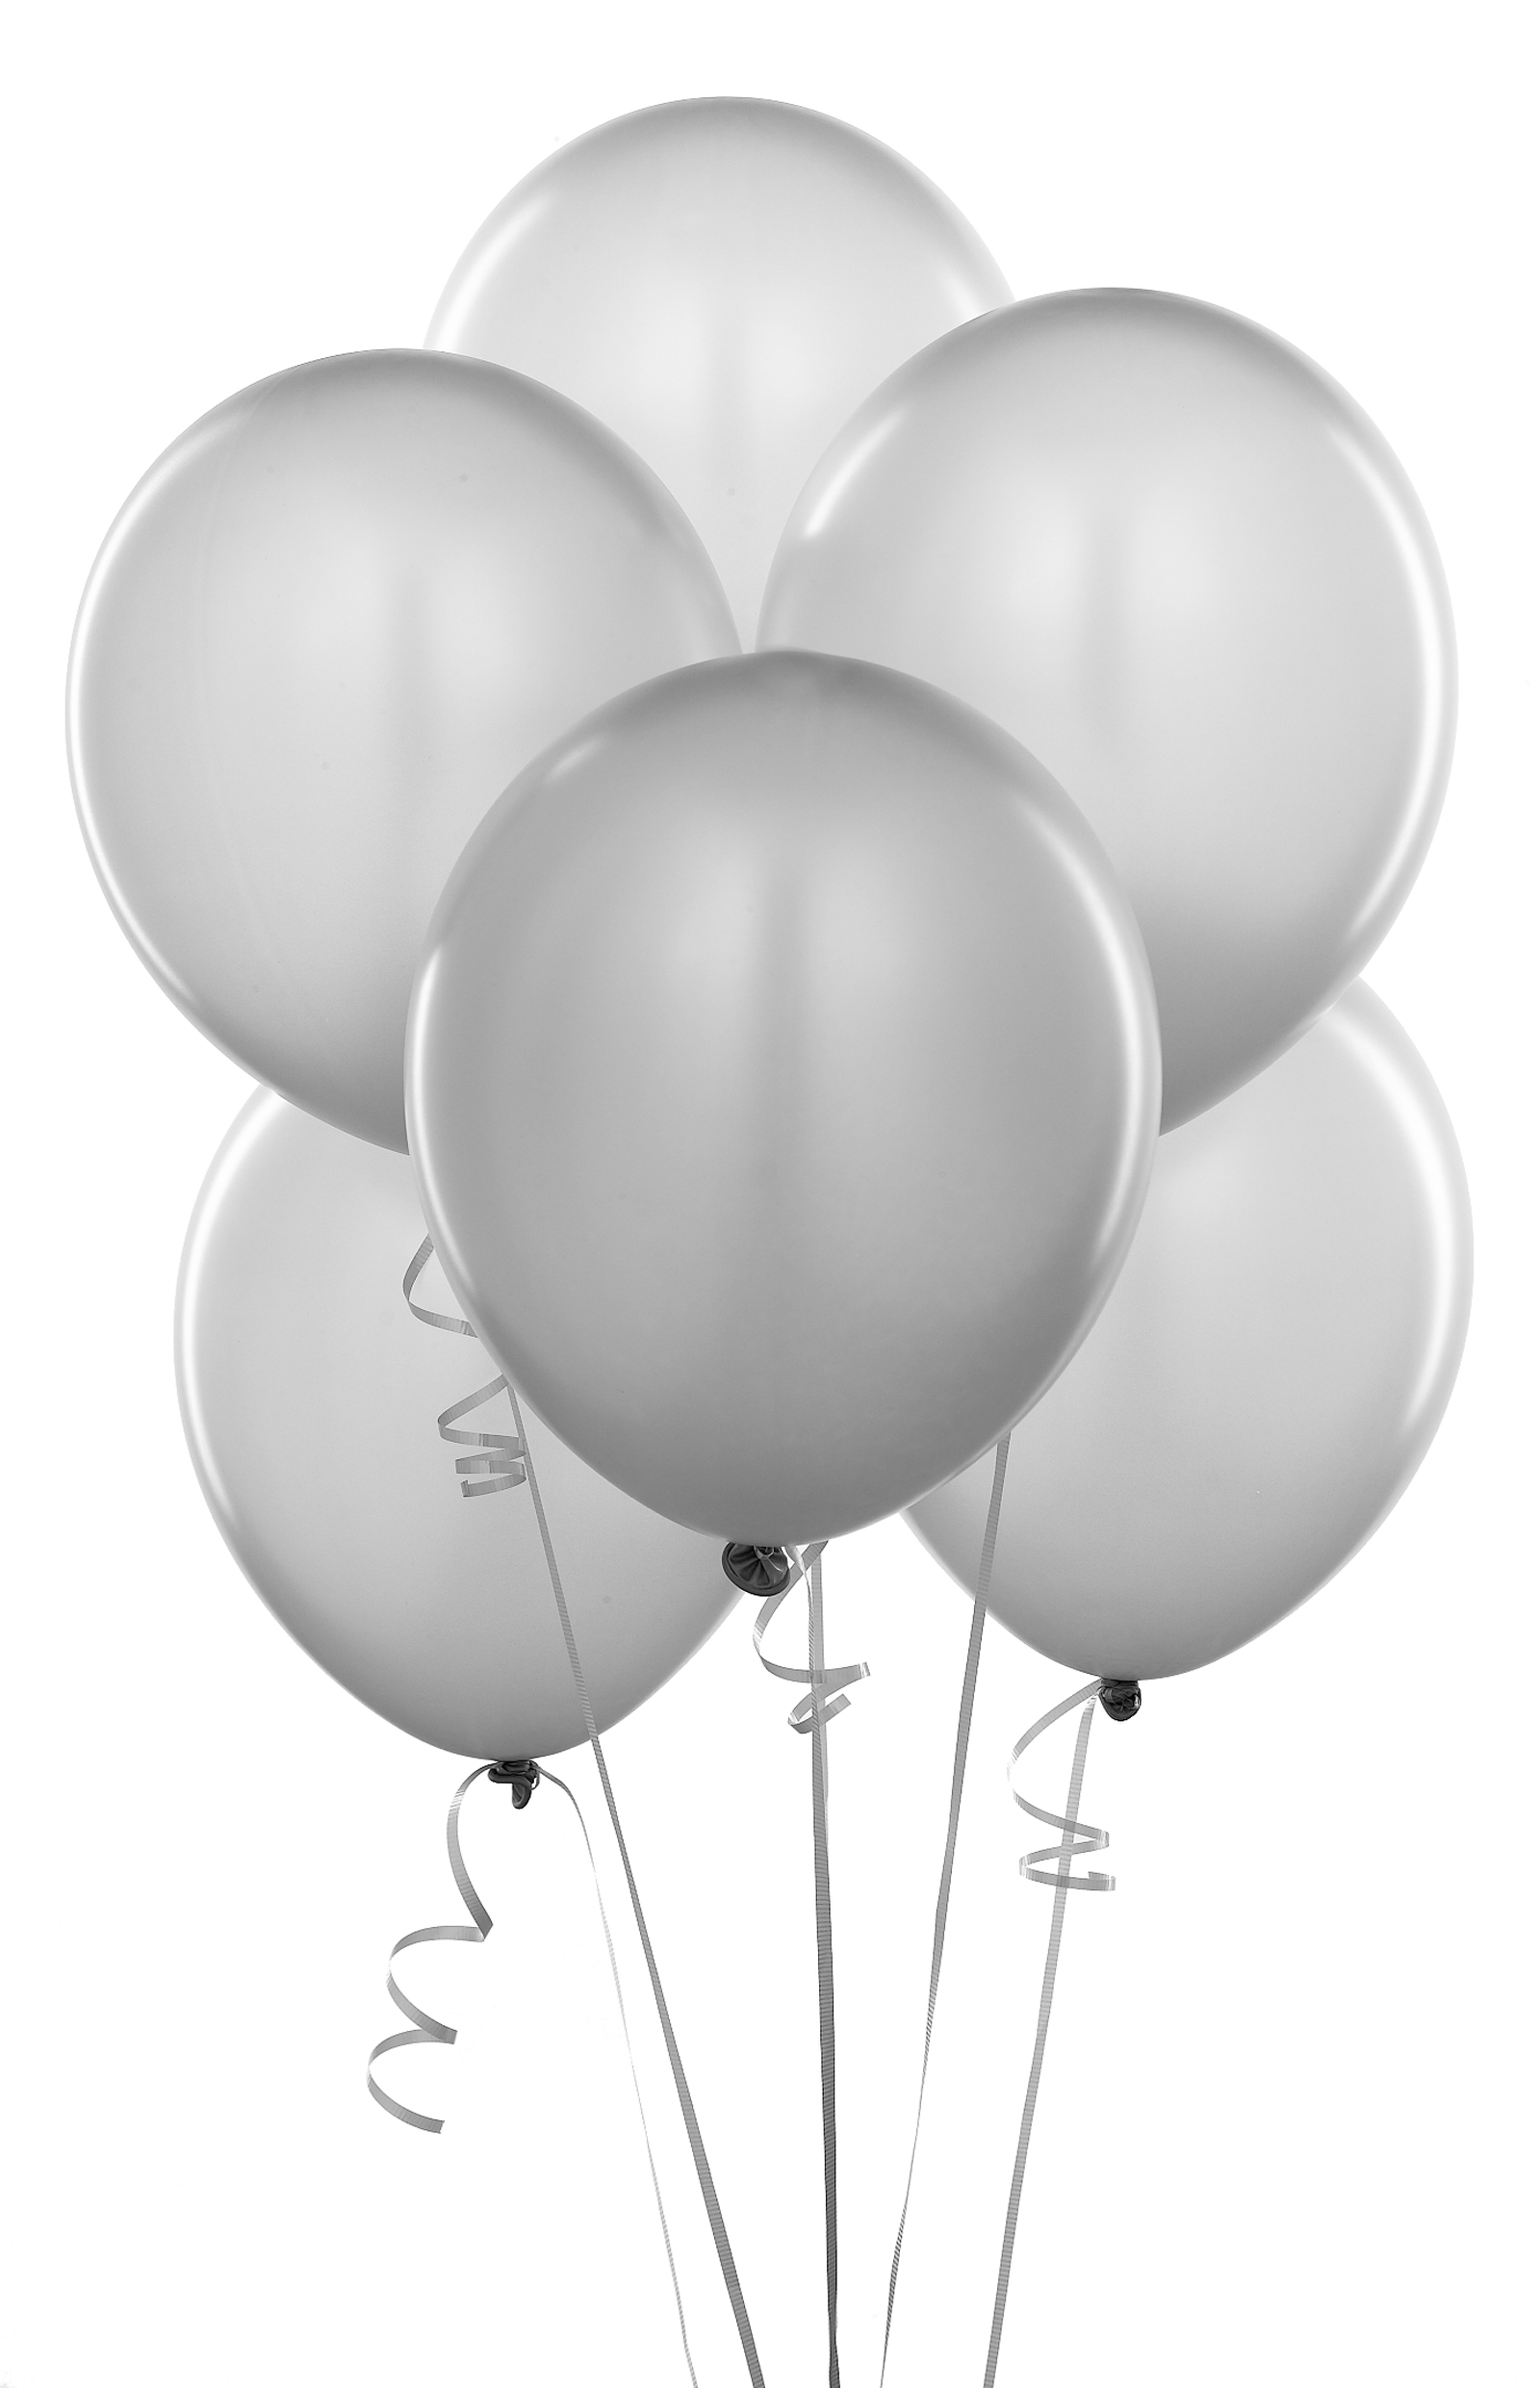 silver balloons clipart